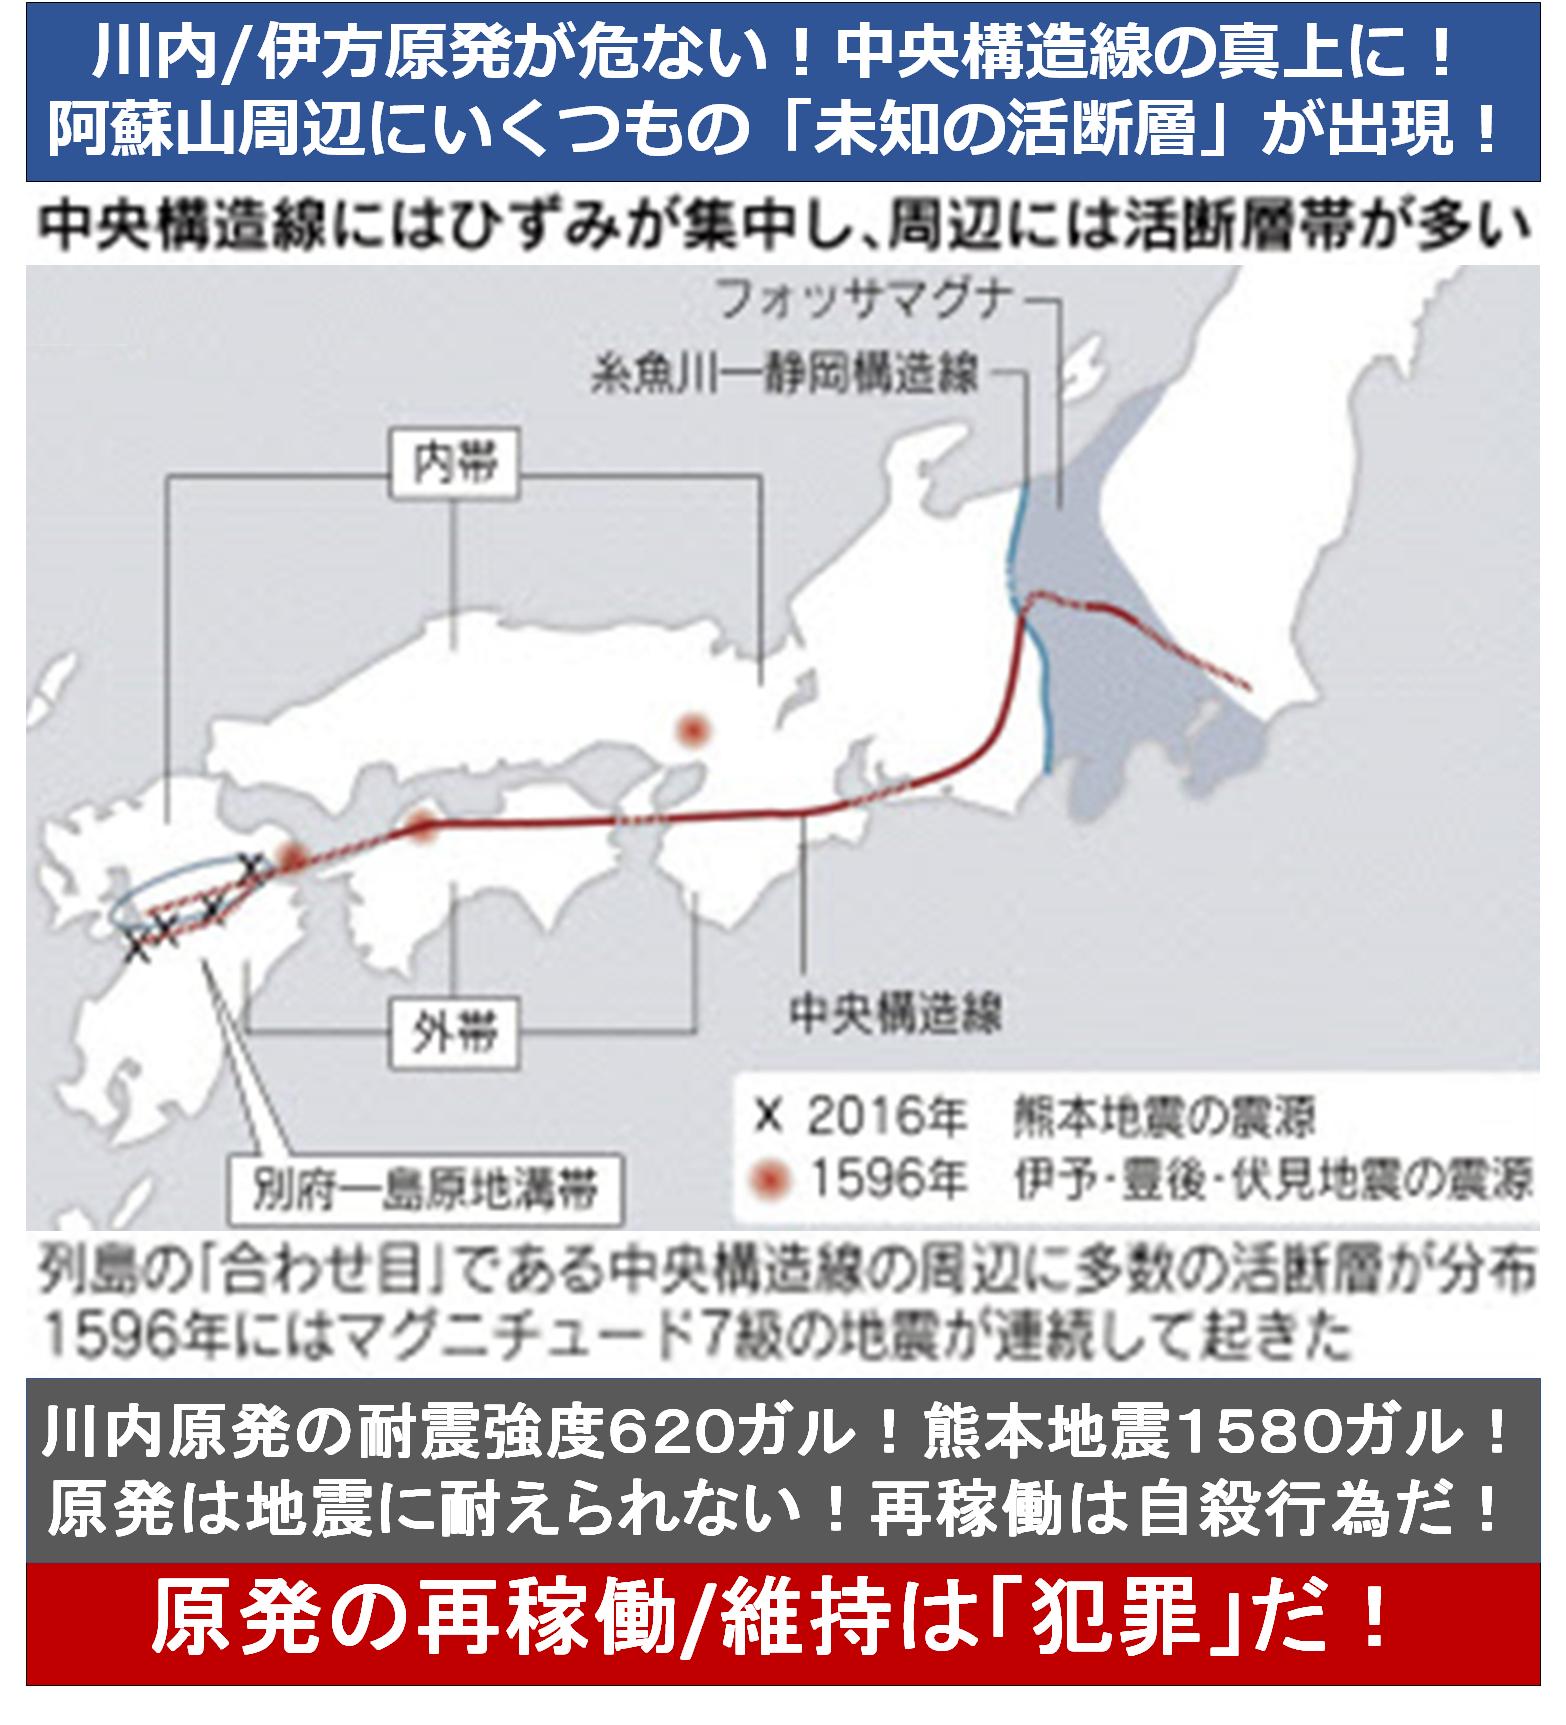 『巨大活断層「中央構造線」とは?400年前に大地震が連続発生? 熊本地震』 2016/4/22 →